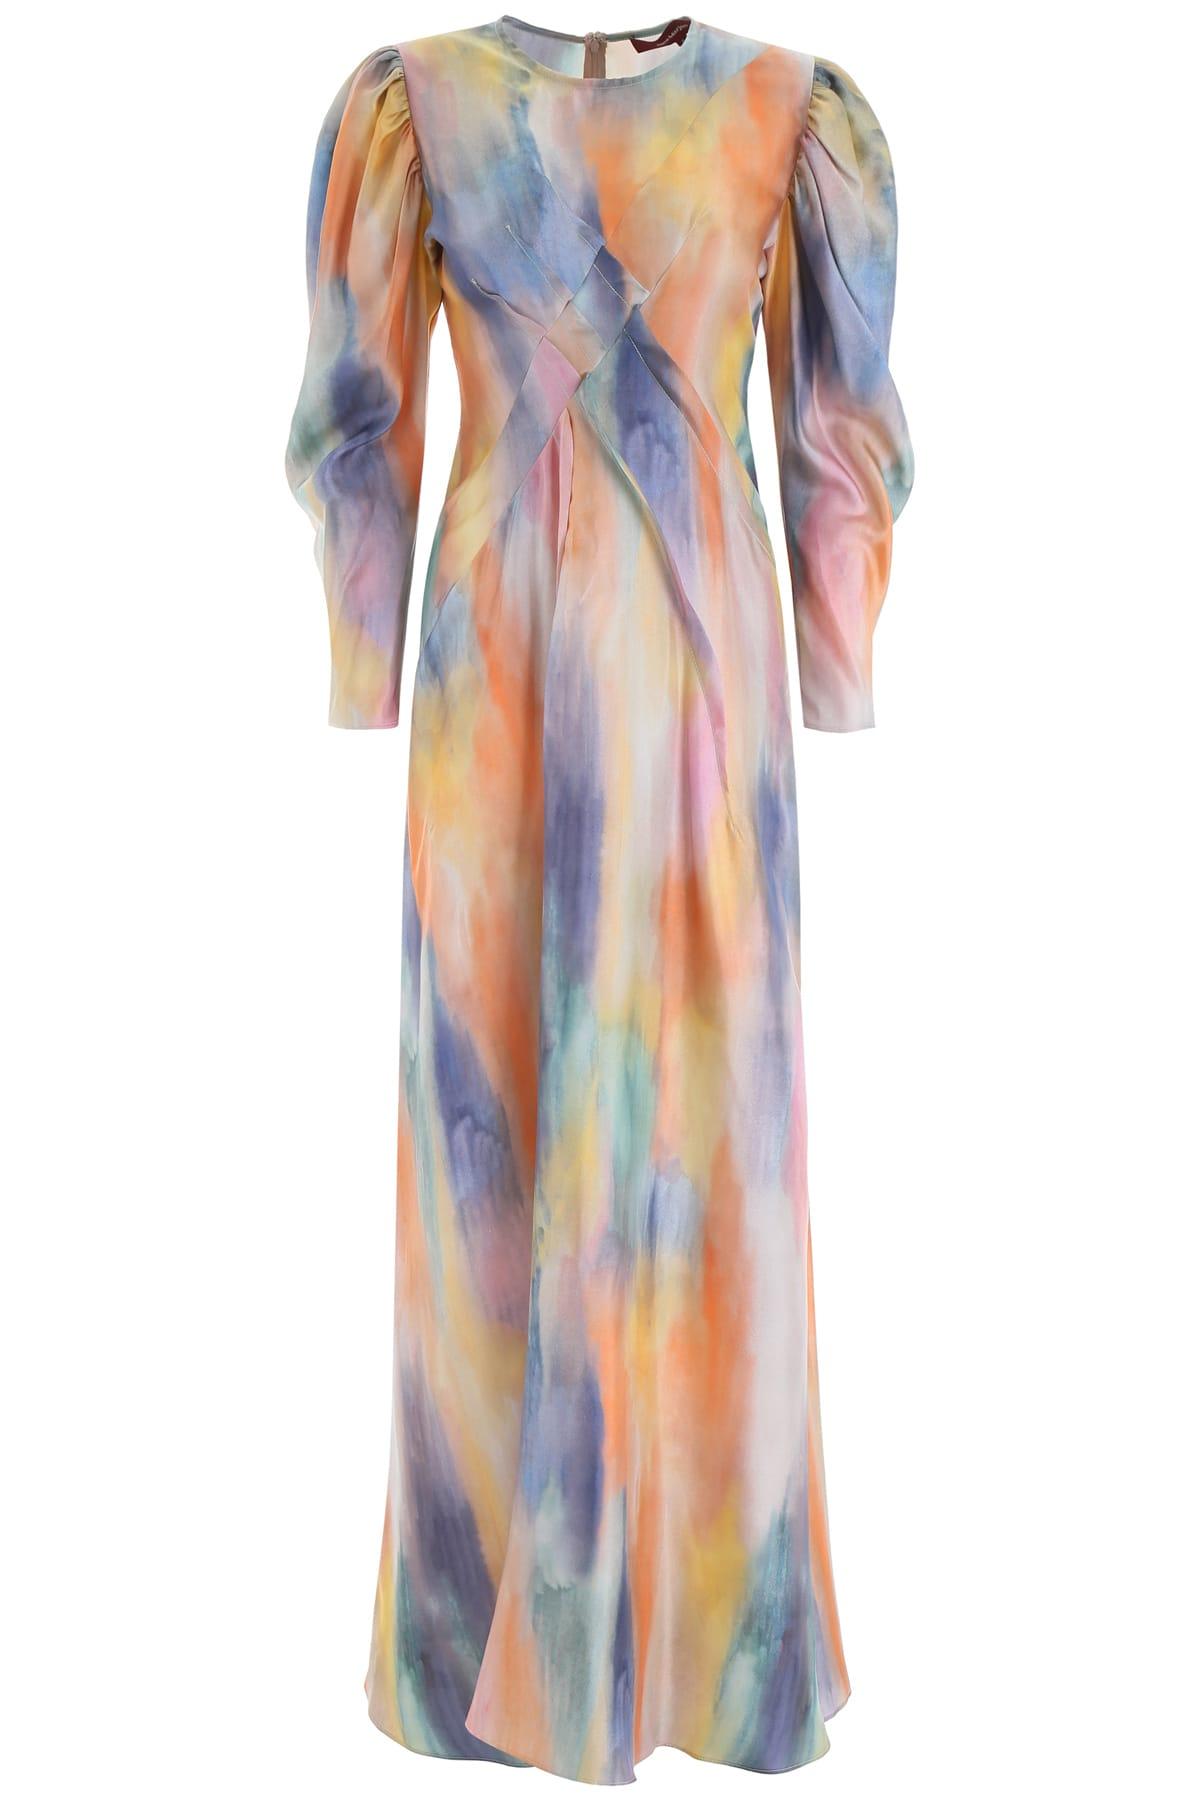 Sies Marjan Pastel Dress